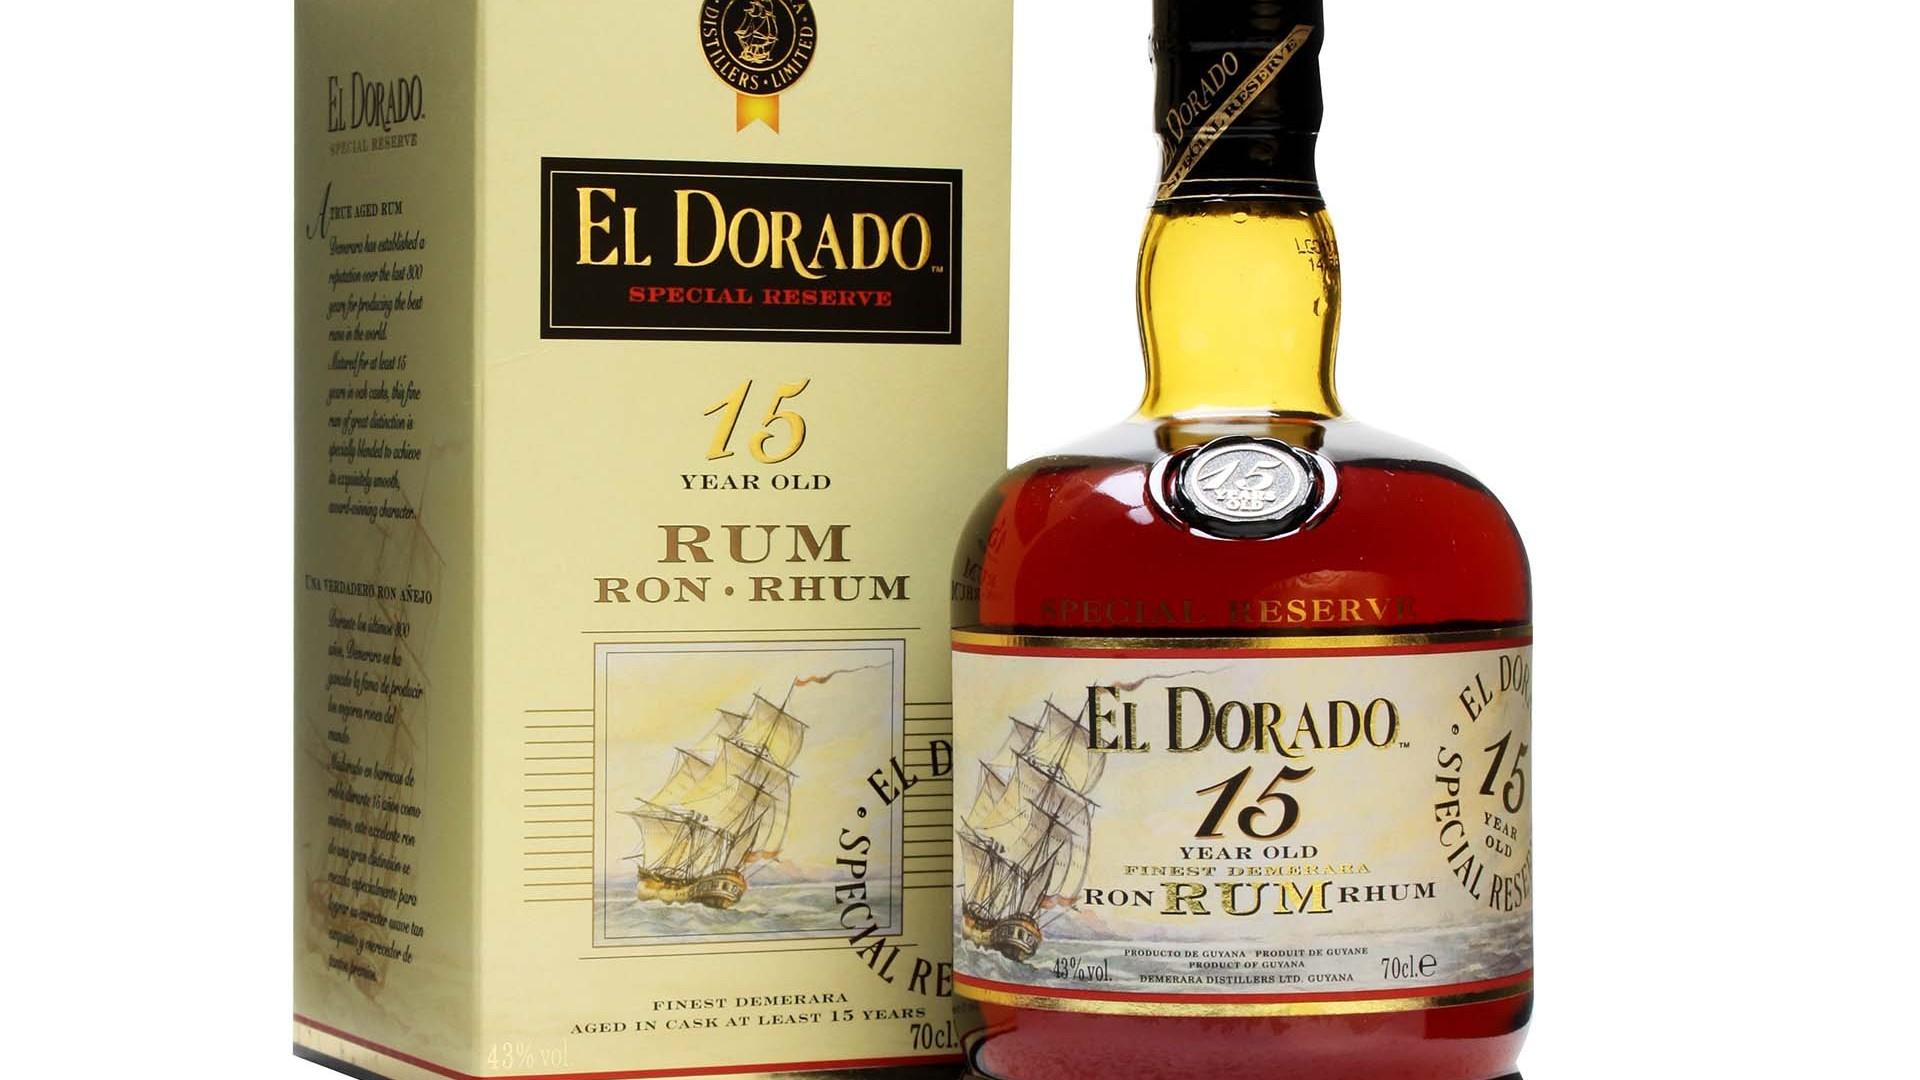 El Dorado Rum 15 Year Old Special Reserve, Guyana